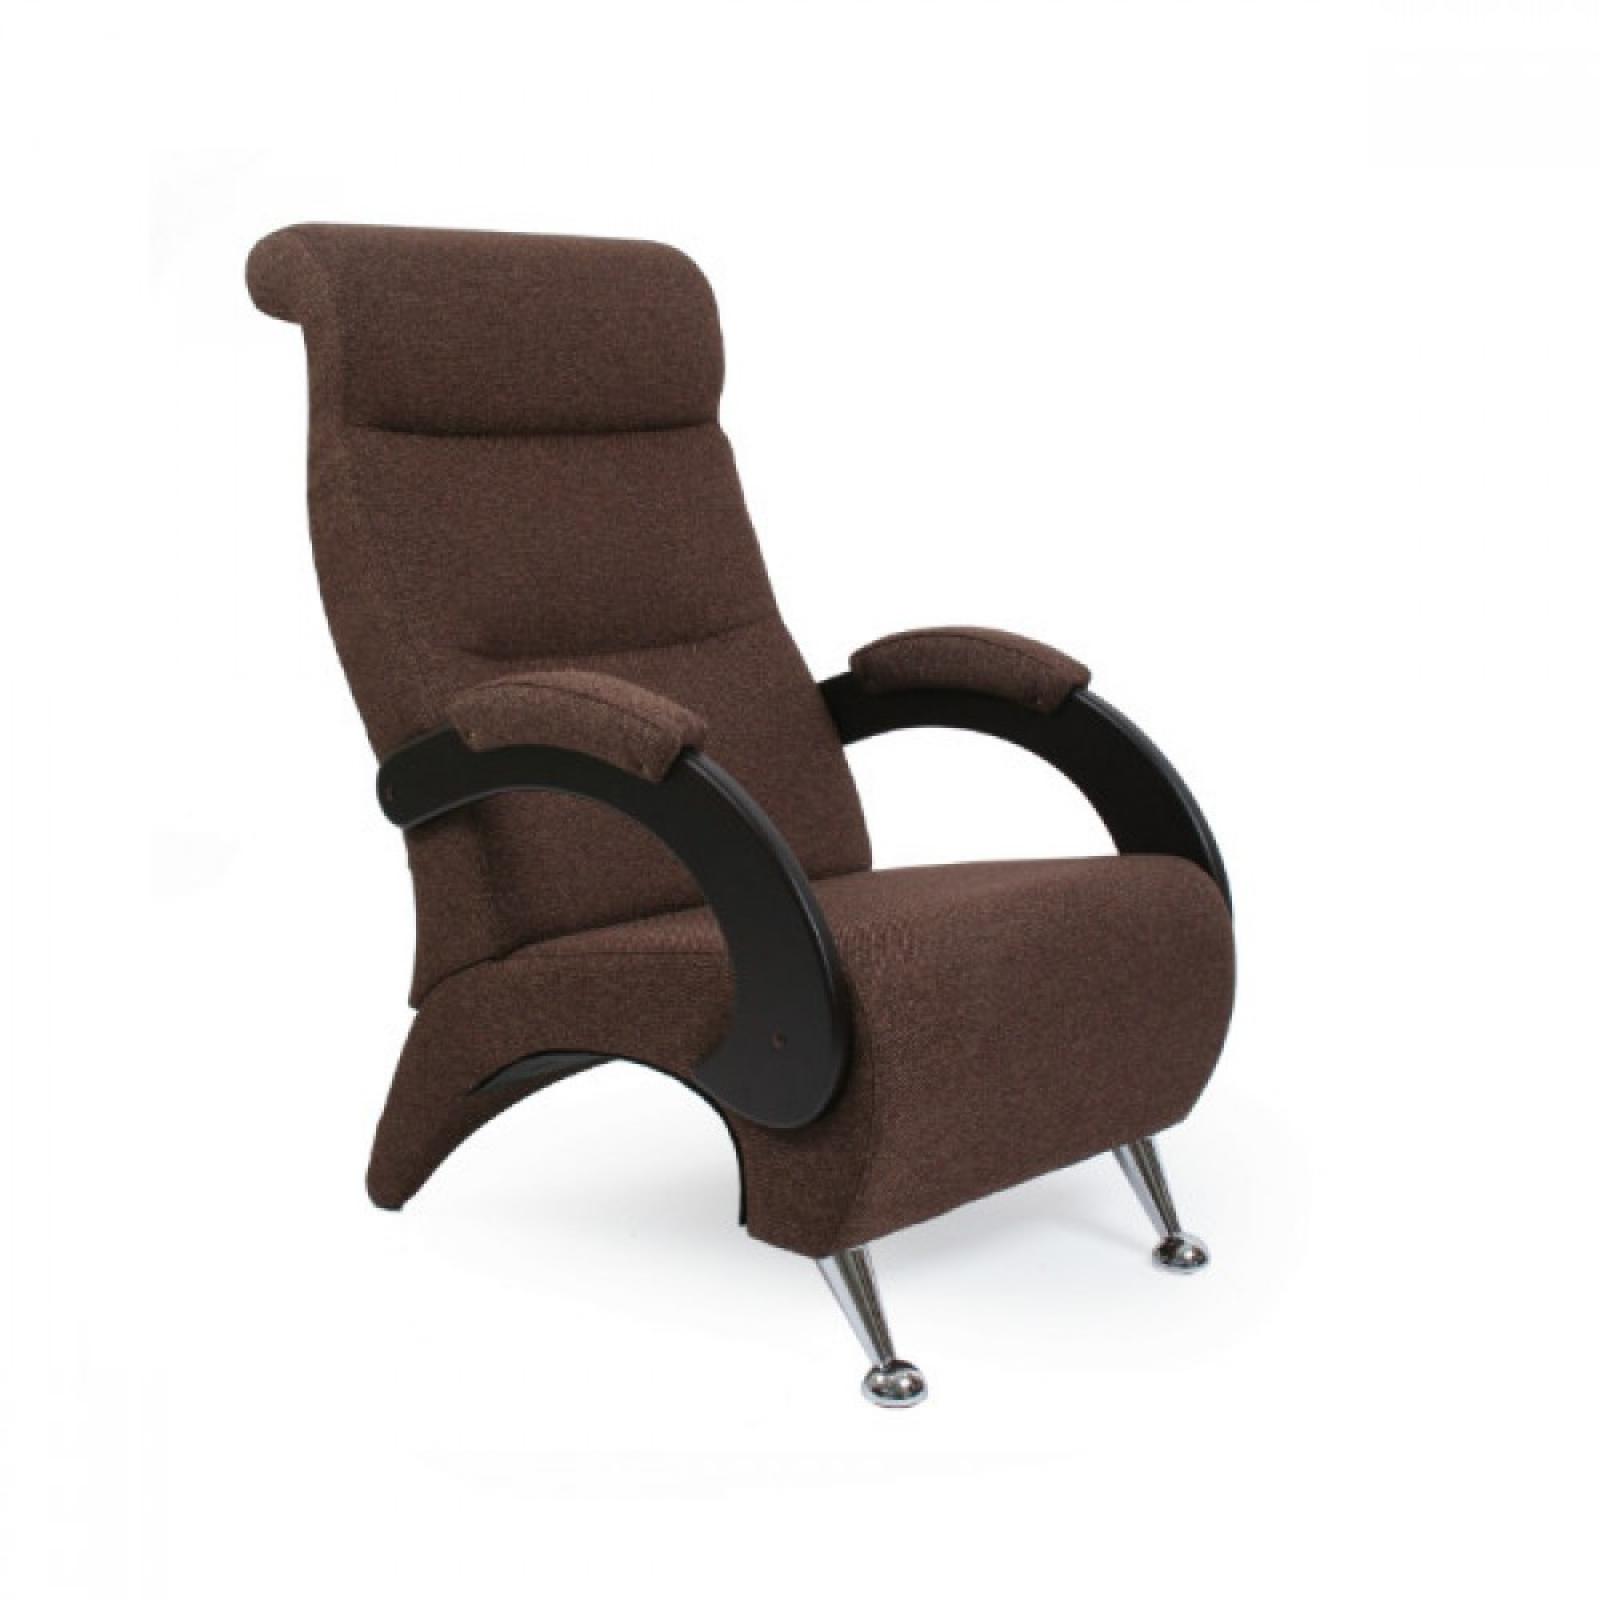 Кресло для отдыха, Модель 9-Д, Венге/Мальта 15 - 1